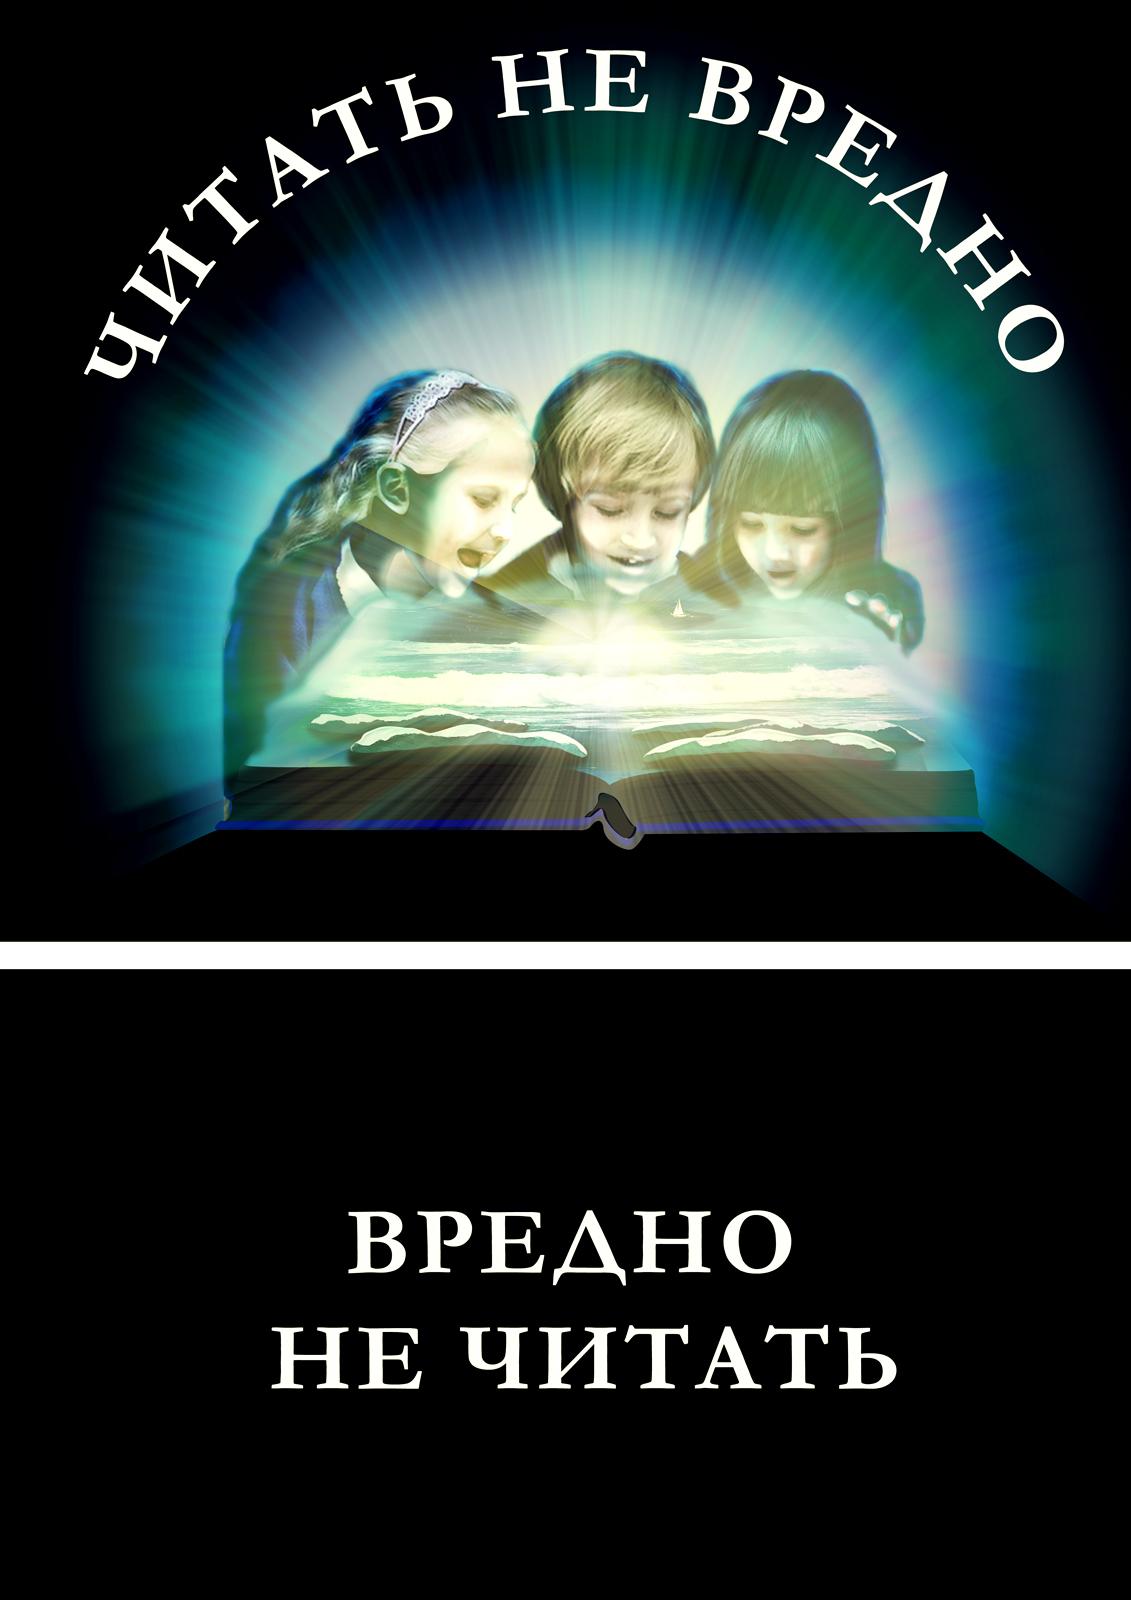 будет если не читать: